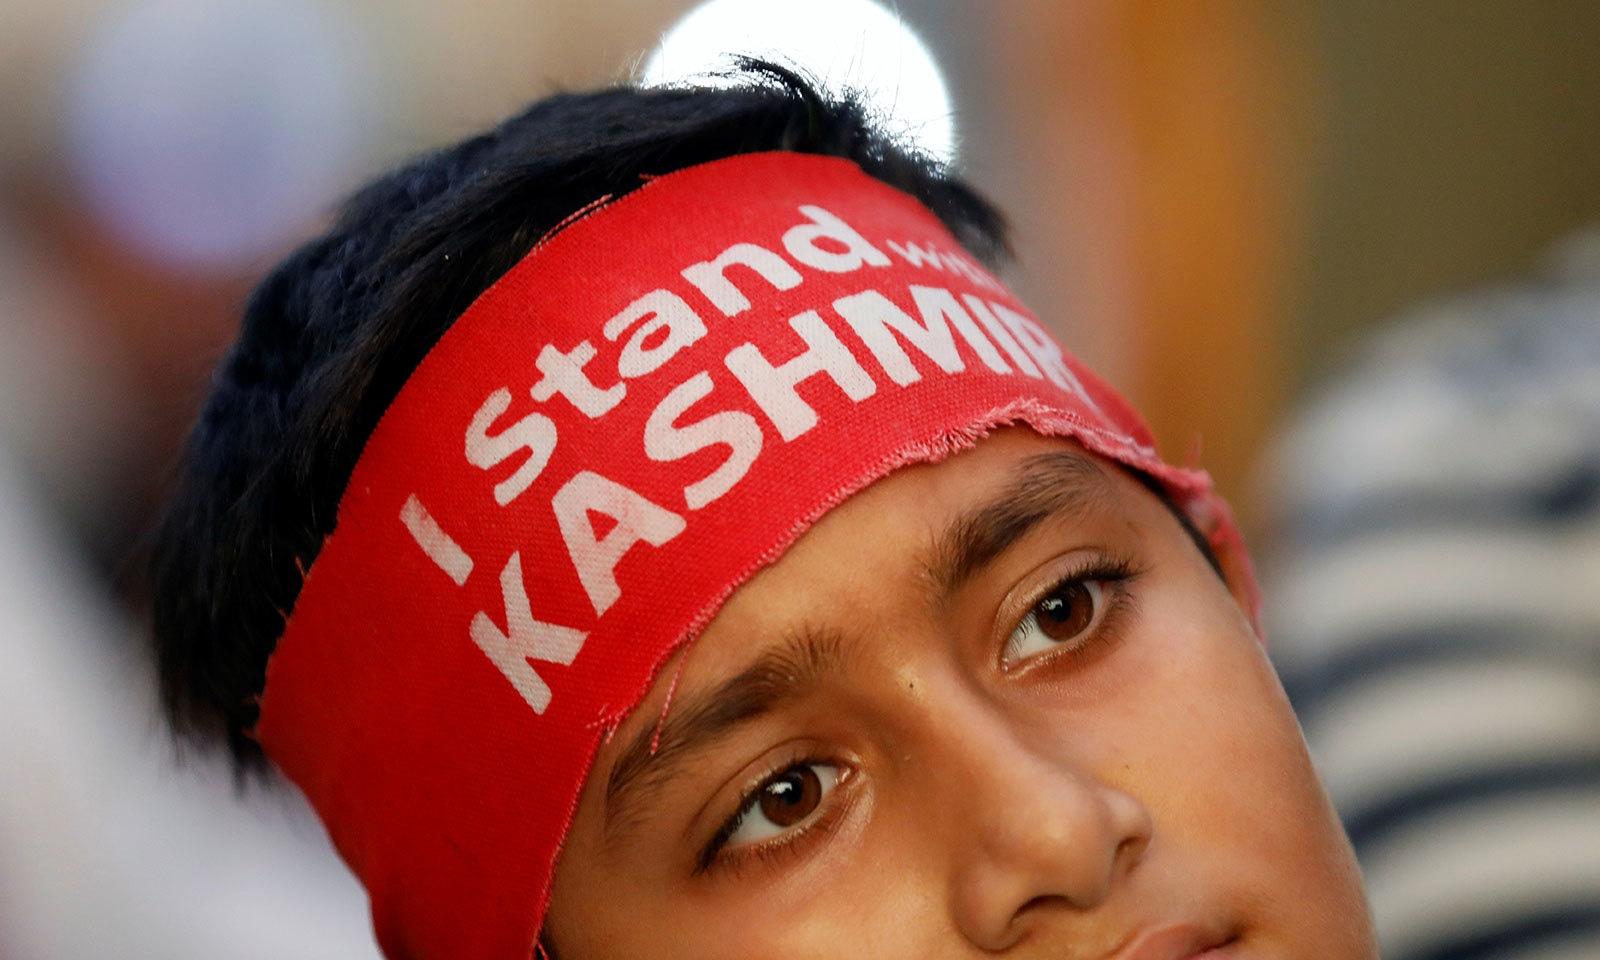 ریلی کے شرکا نے کشمیر کی حمایت میں بینرز اٹھا رکھے تھے اور بھارت کے خلاف نعرے لگائے—فوٹو:رائٹرز